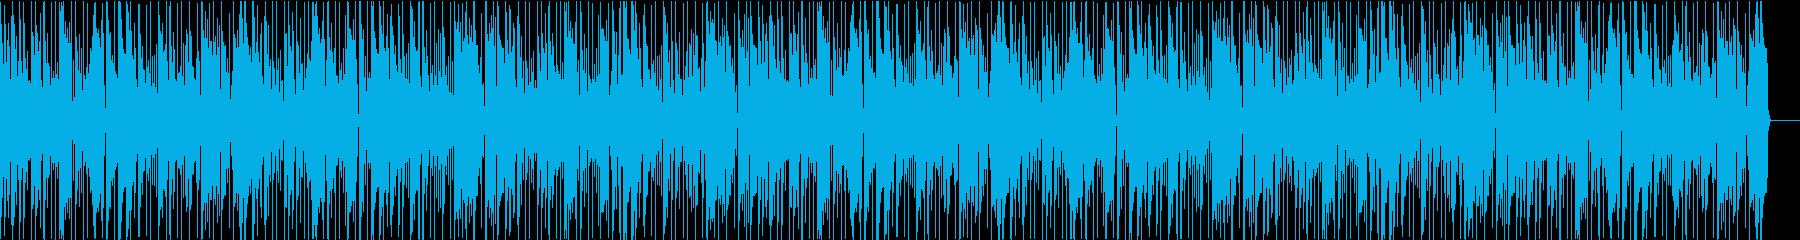 暗い洞穴・洞窟・ダンジョン・調査・ゲームの再生済みの波形